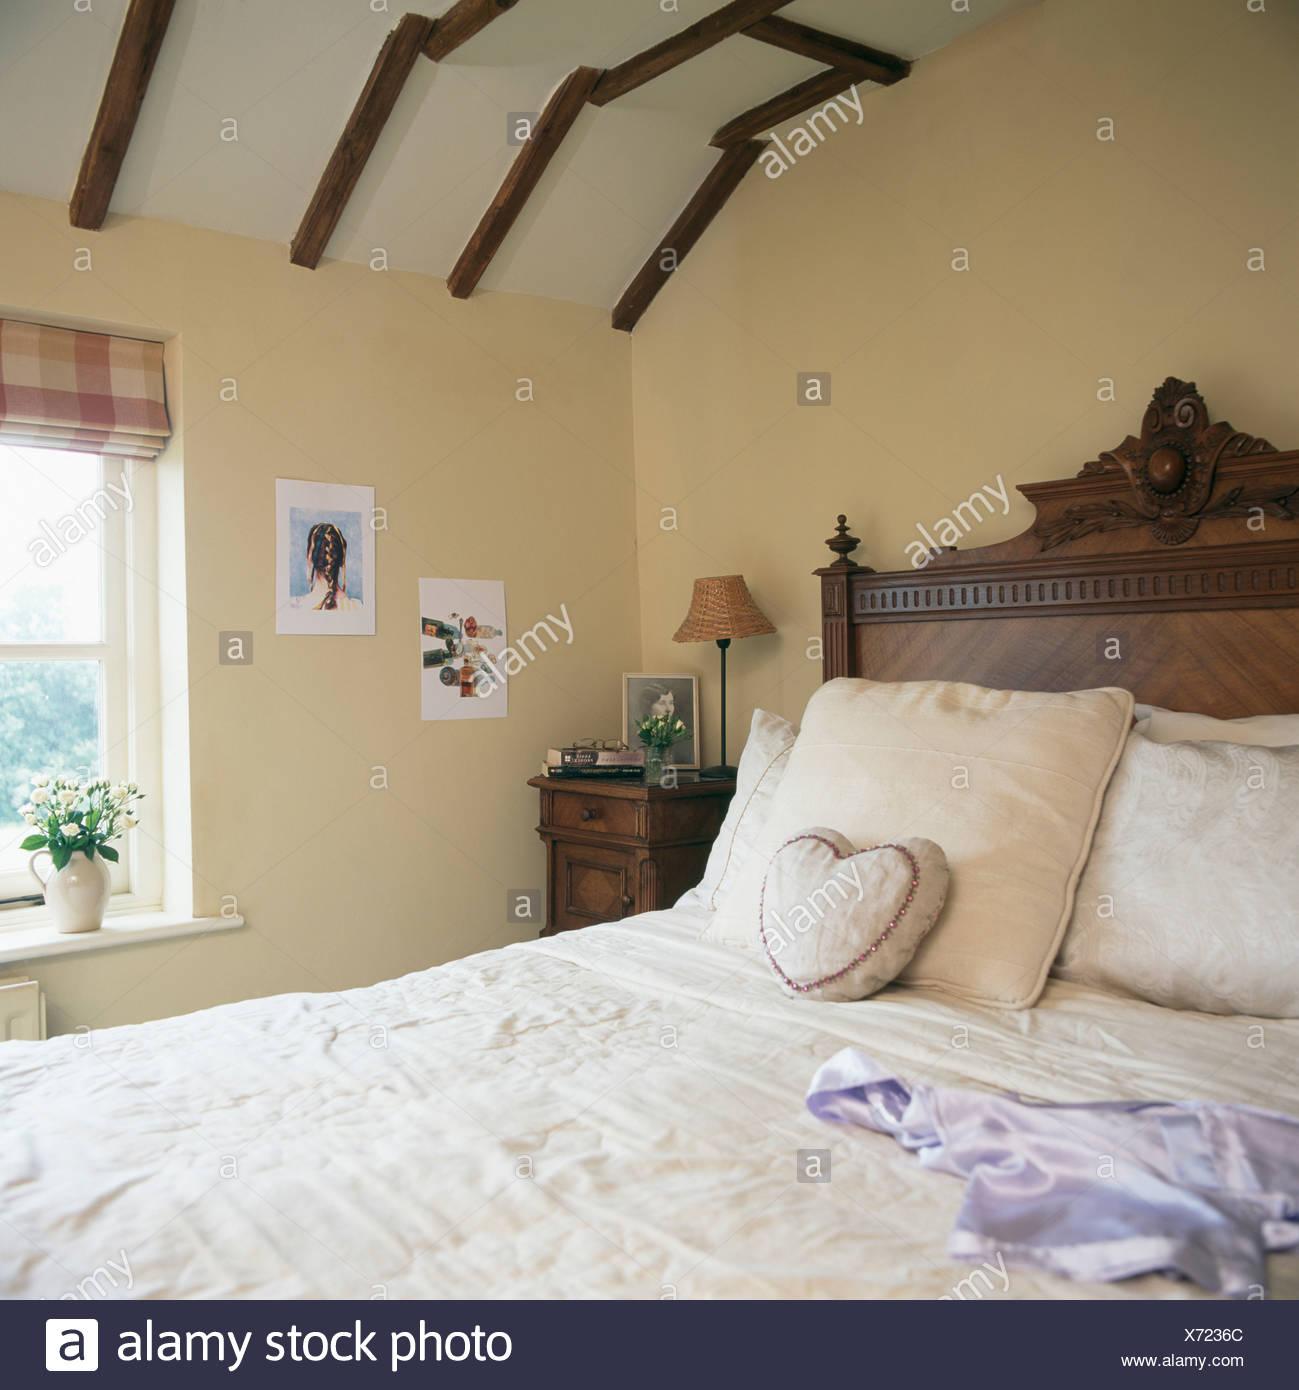 Antikes Holz Bett Mit Kissen Im Land Schlafzimmer